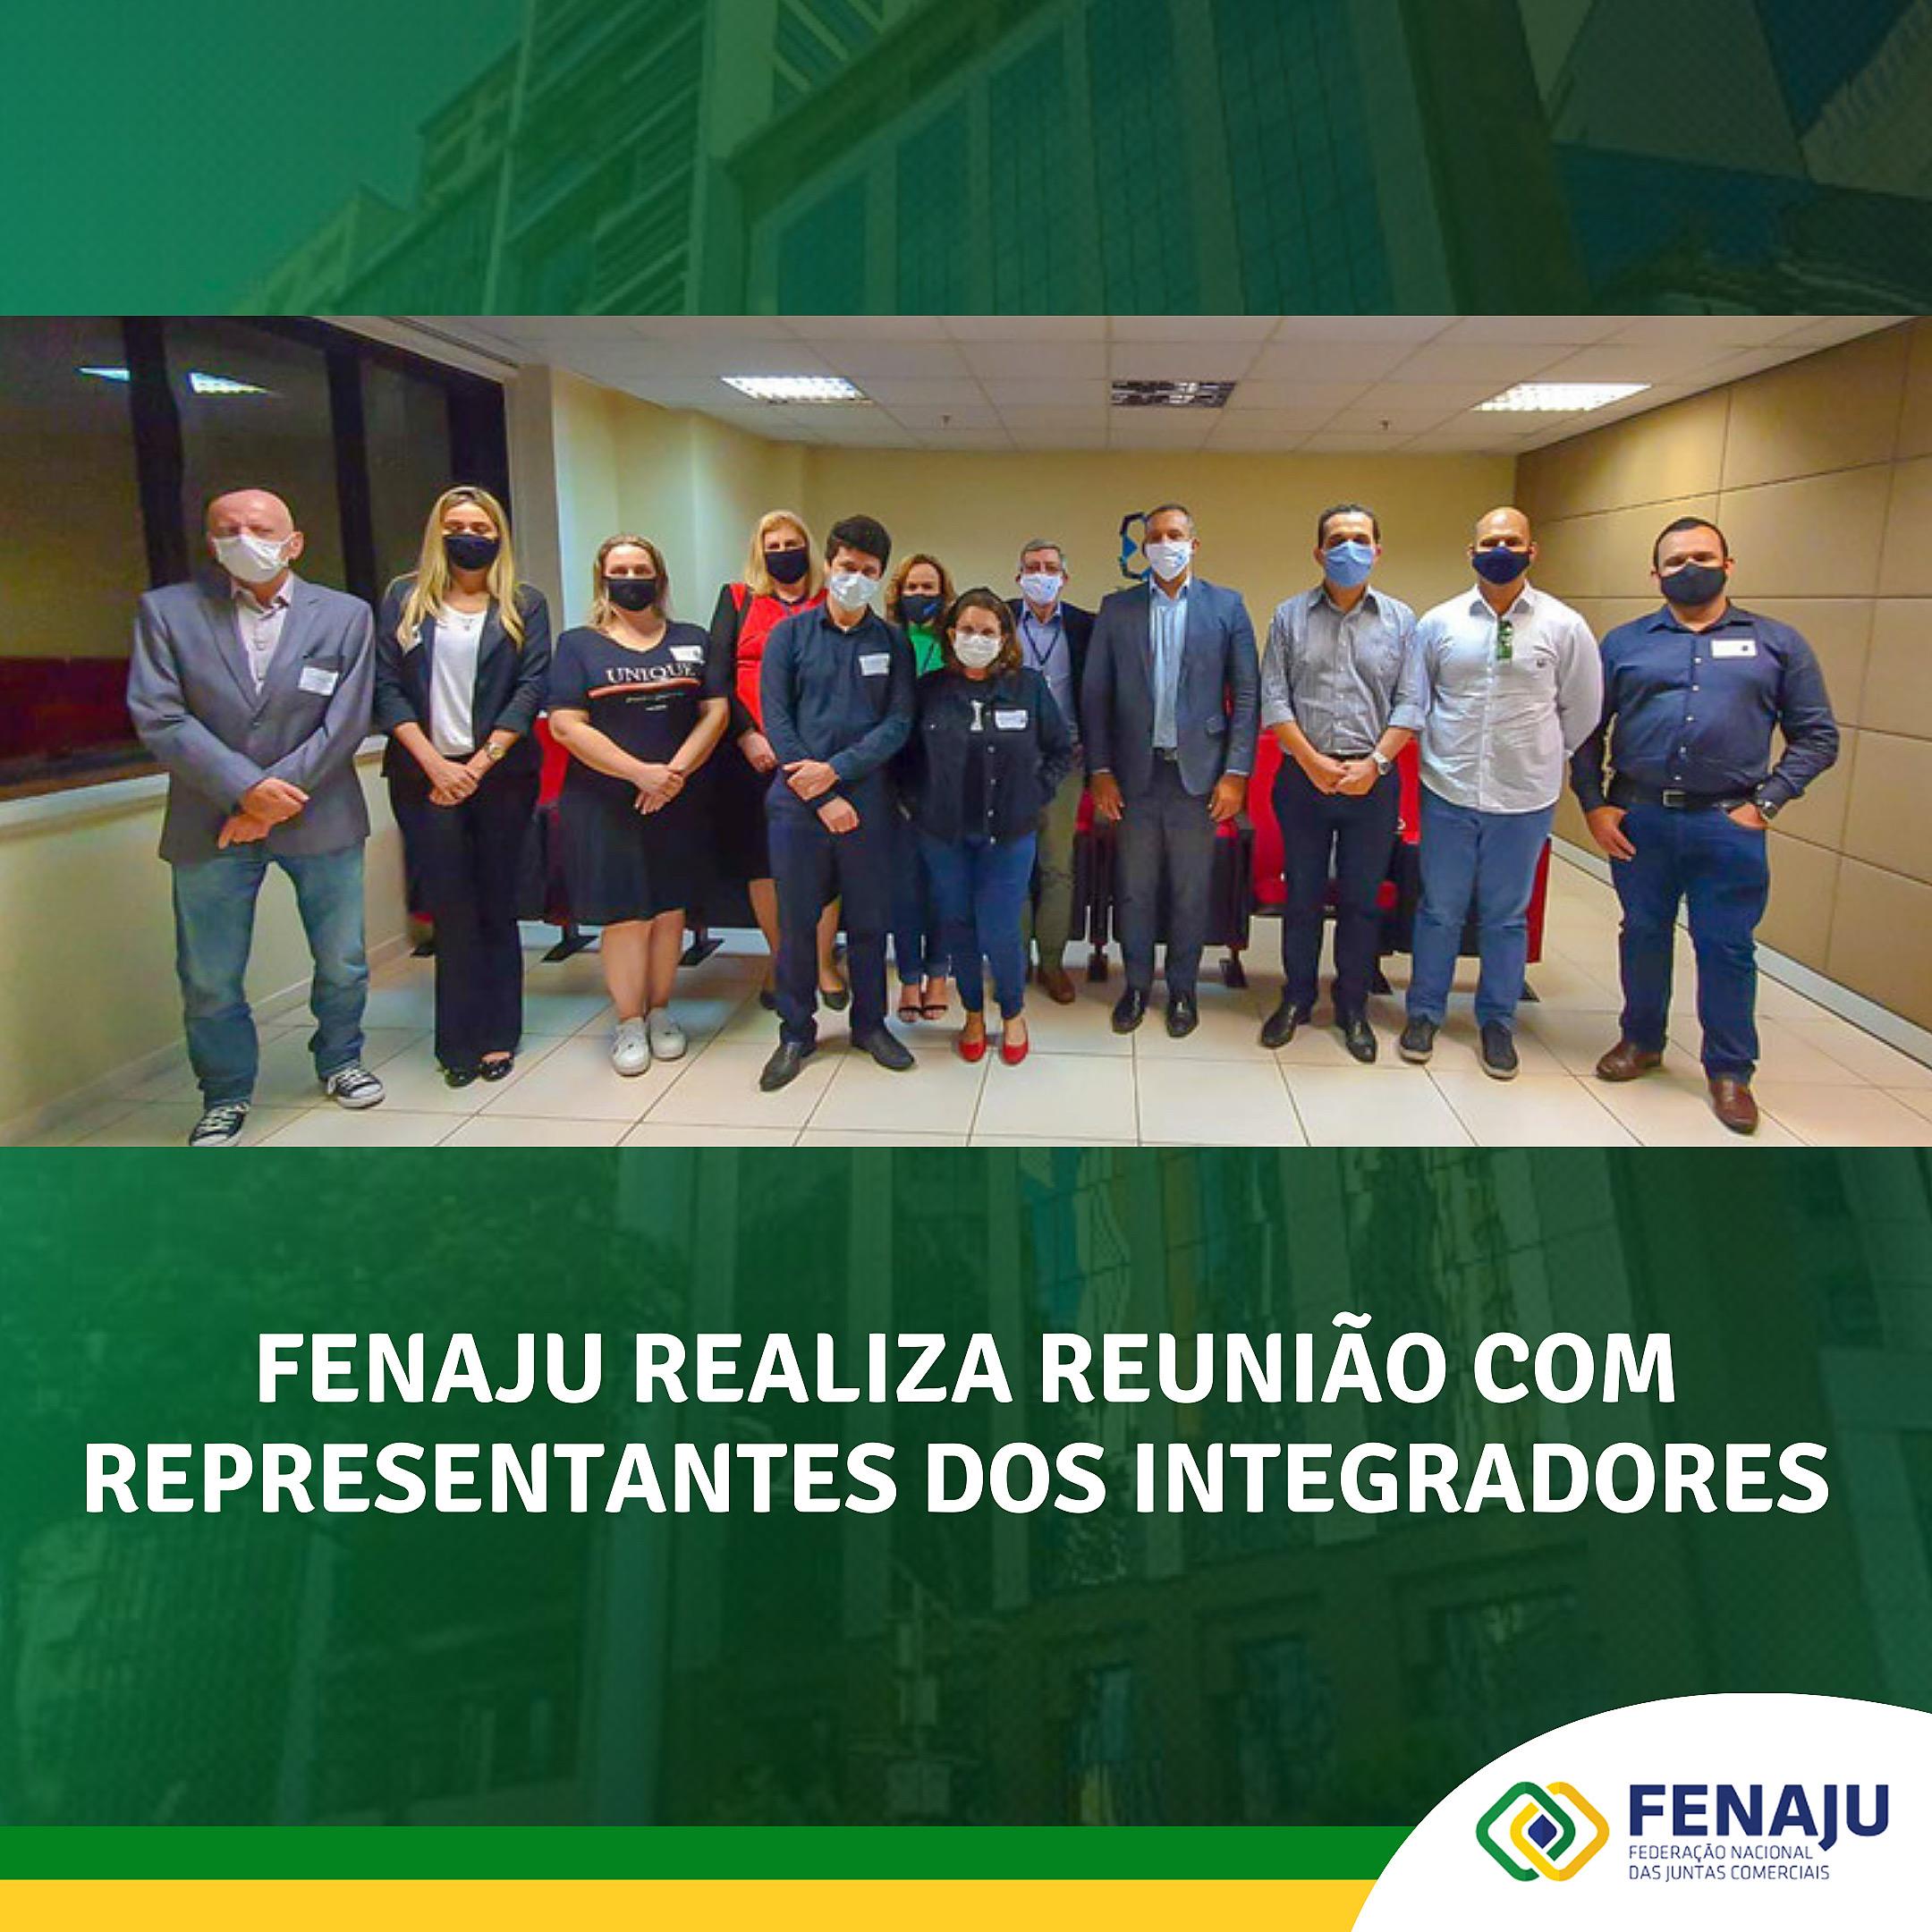 FENAJU realiza reunião com representantes dos integradores estaduais